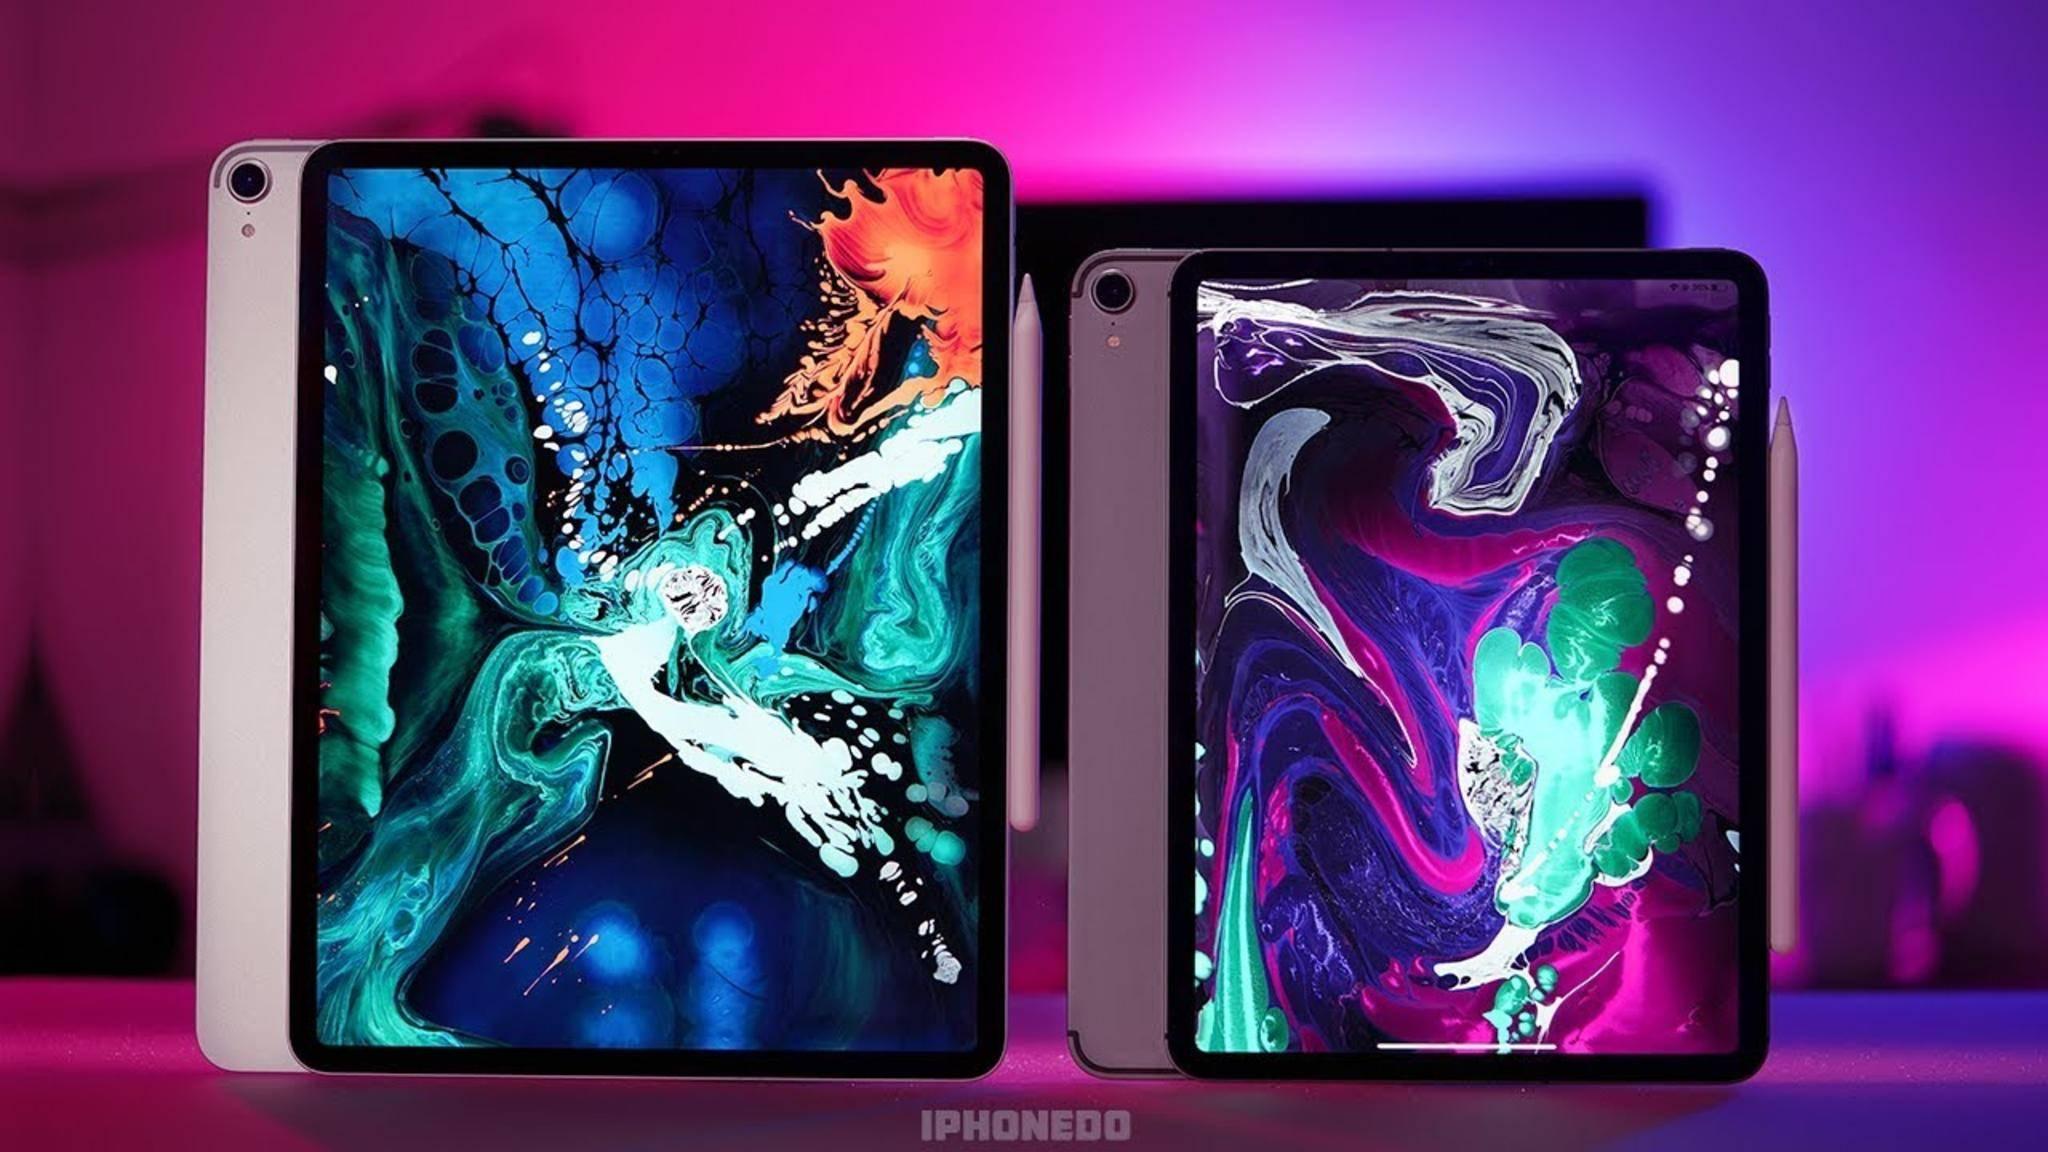 Wird sich schon bald eine herkömmliche USB-Maus an das iPad Pro anschließen lassen?